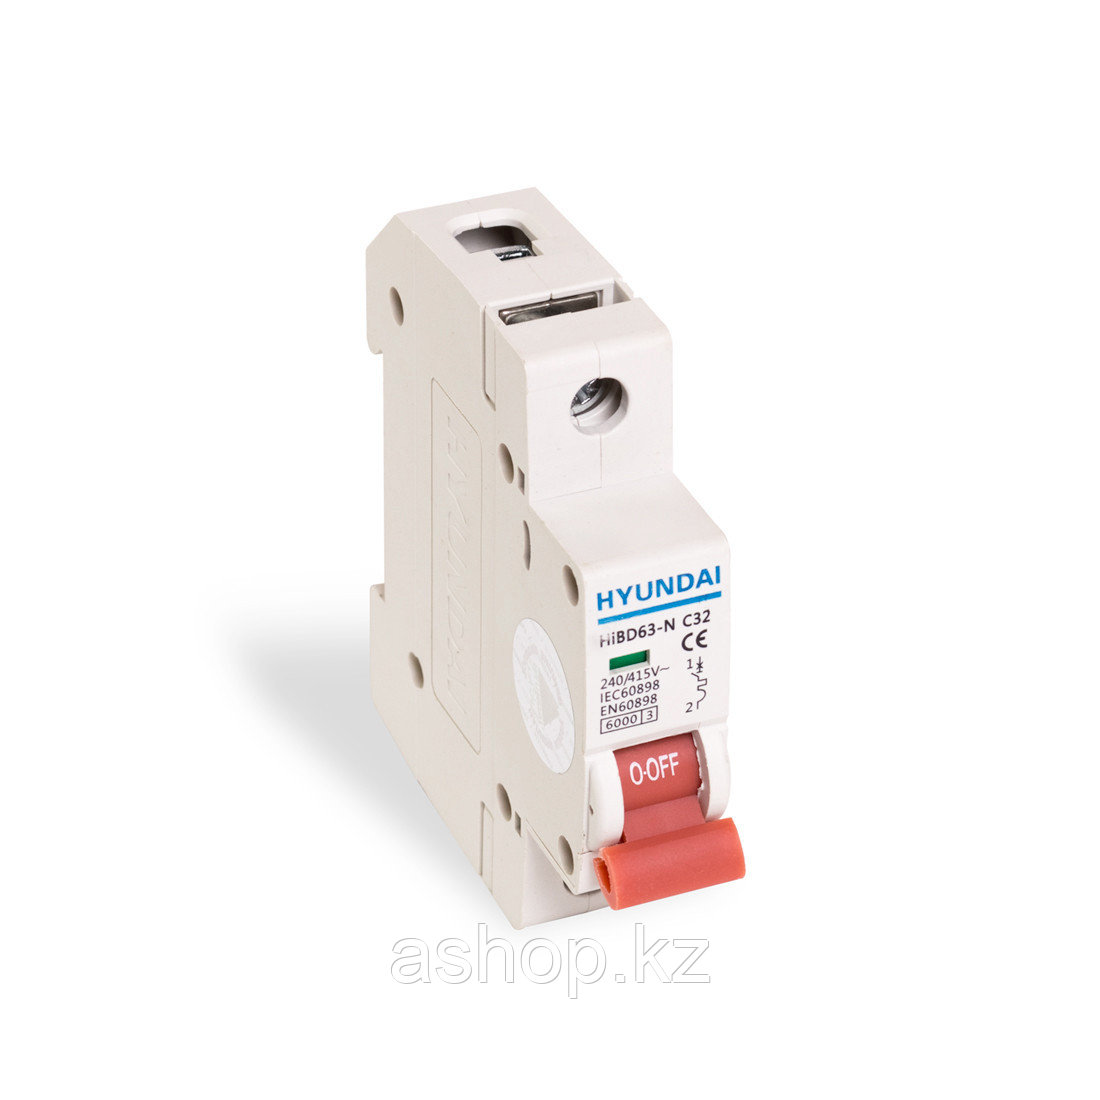 Автоматический выключатель реечный Hyundai HiBD63-N 1P 40А, 230/400 В, Кол-во полюсов: 1, Предел отключения: 6